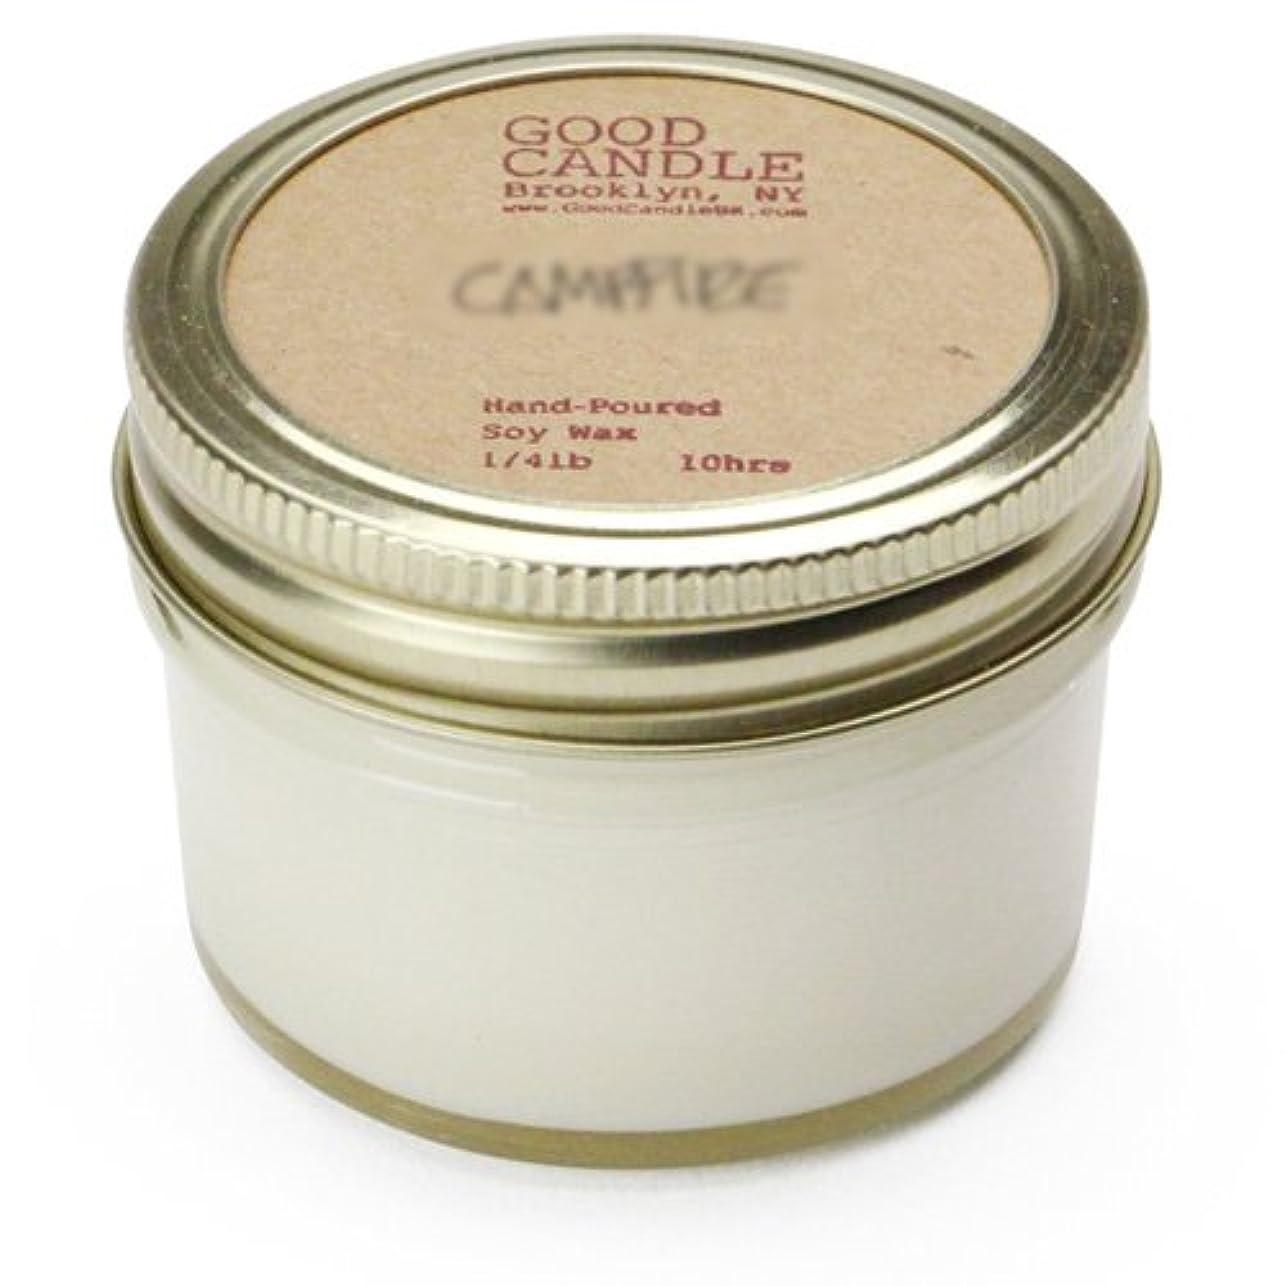 スタイル値変数グッドキャンドル 1/4ポンド ゼリージャー キャンドル Good Candle 1/4LB Jelly jar candle [ Basil ] 正規品